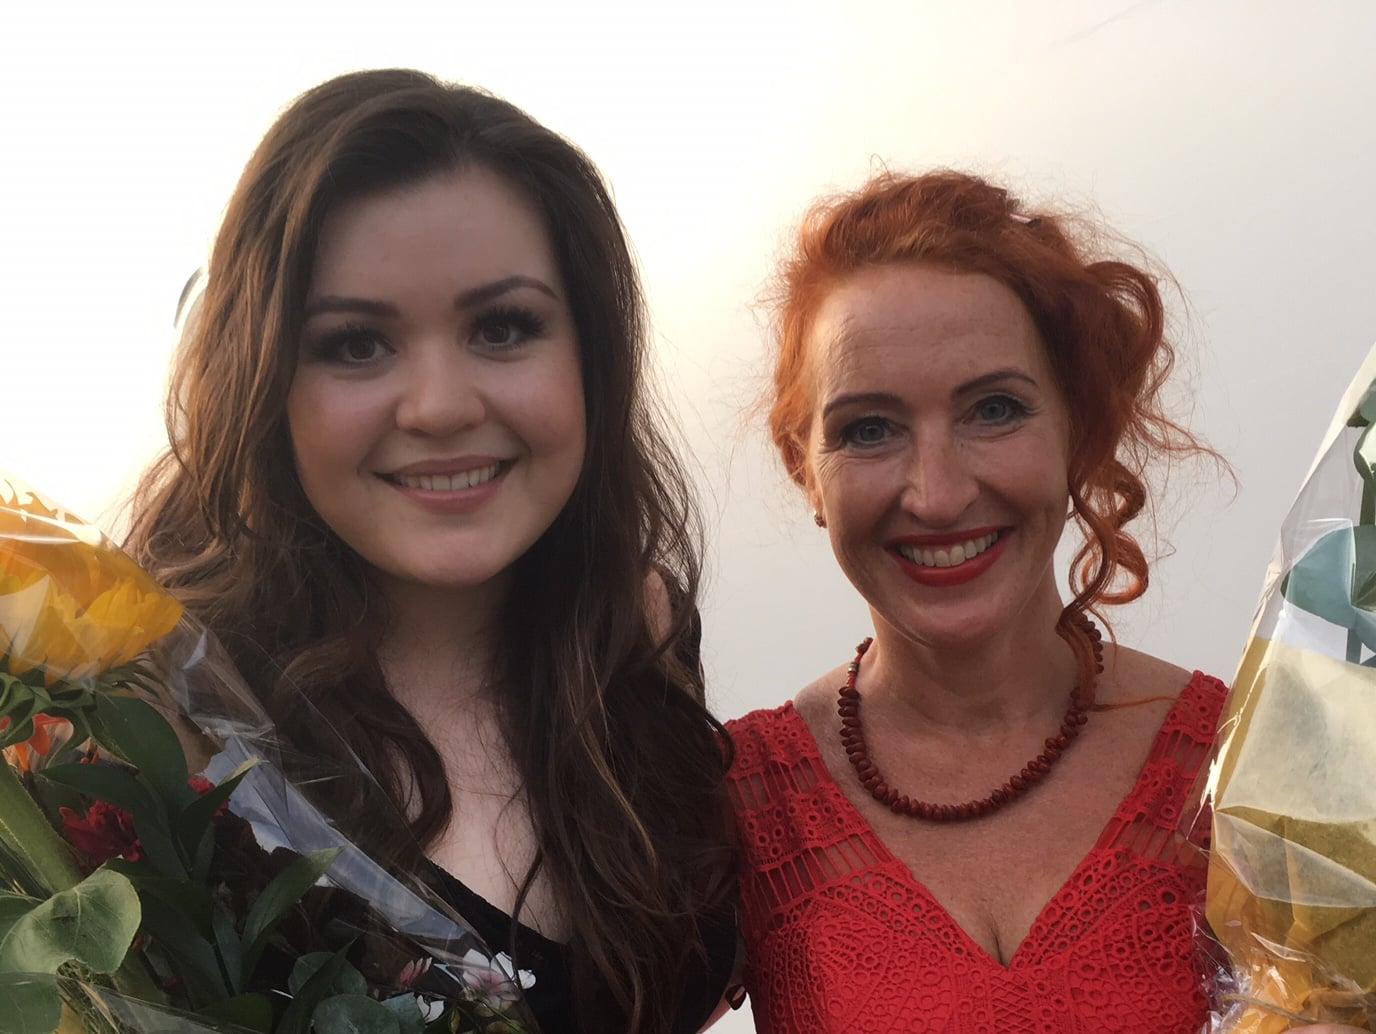 Diandra ja Tessa Virta konsertti 2.8.18